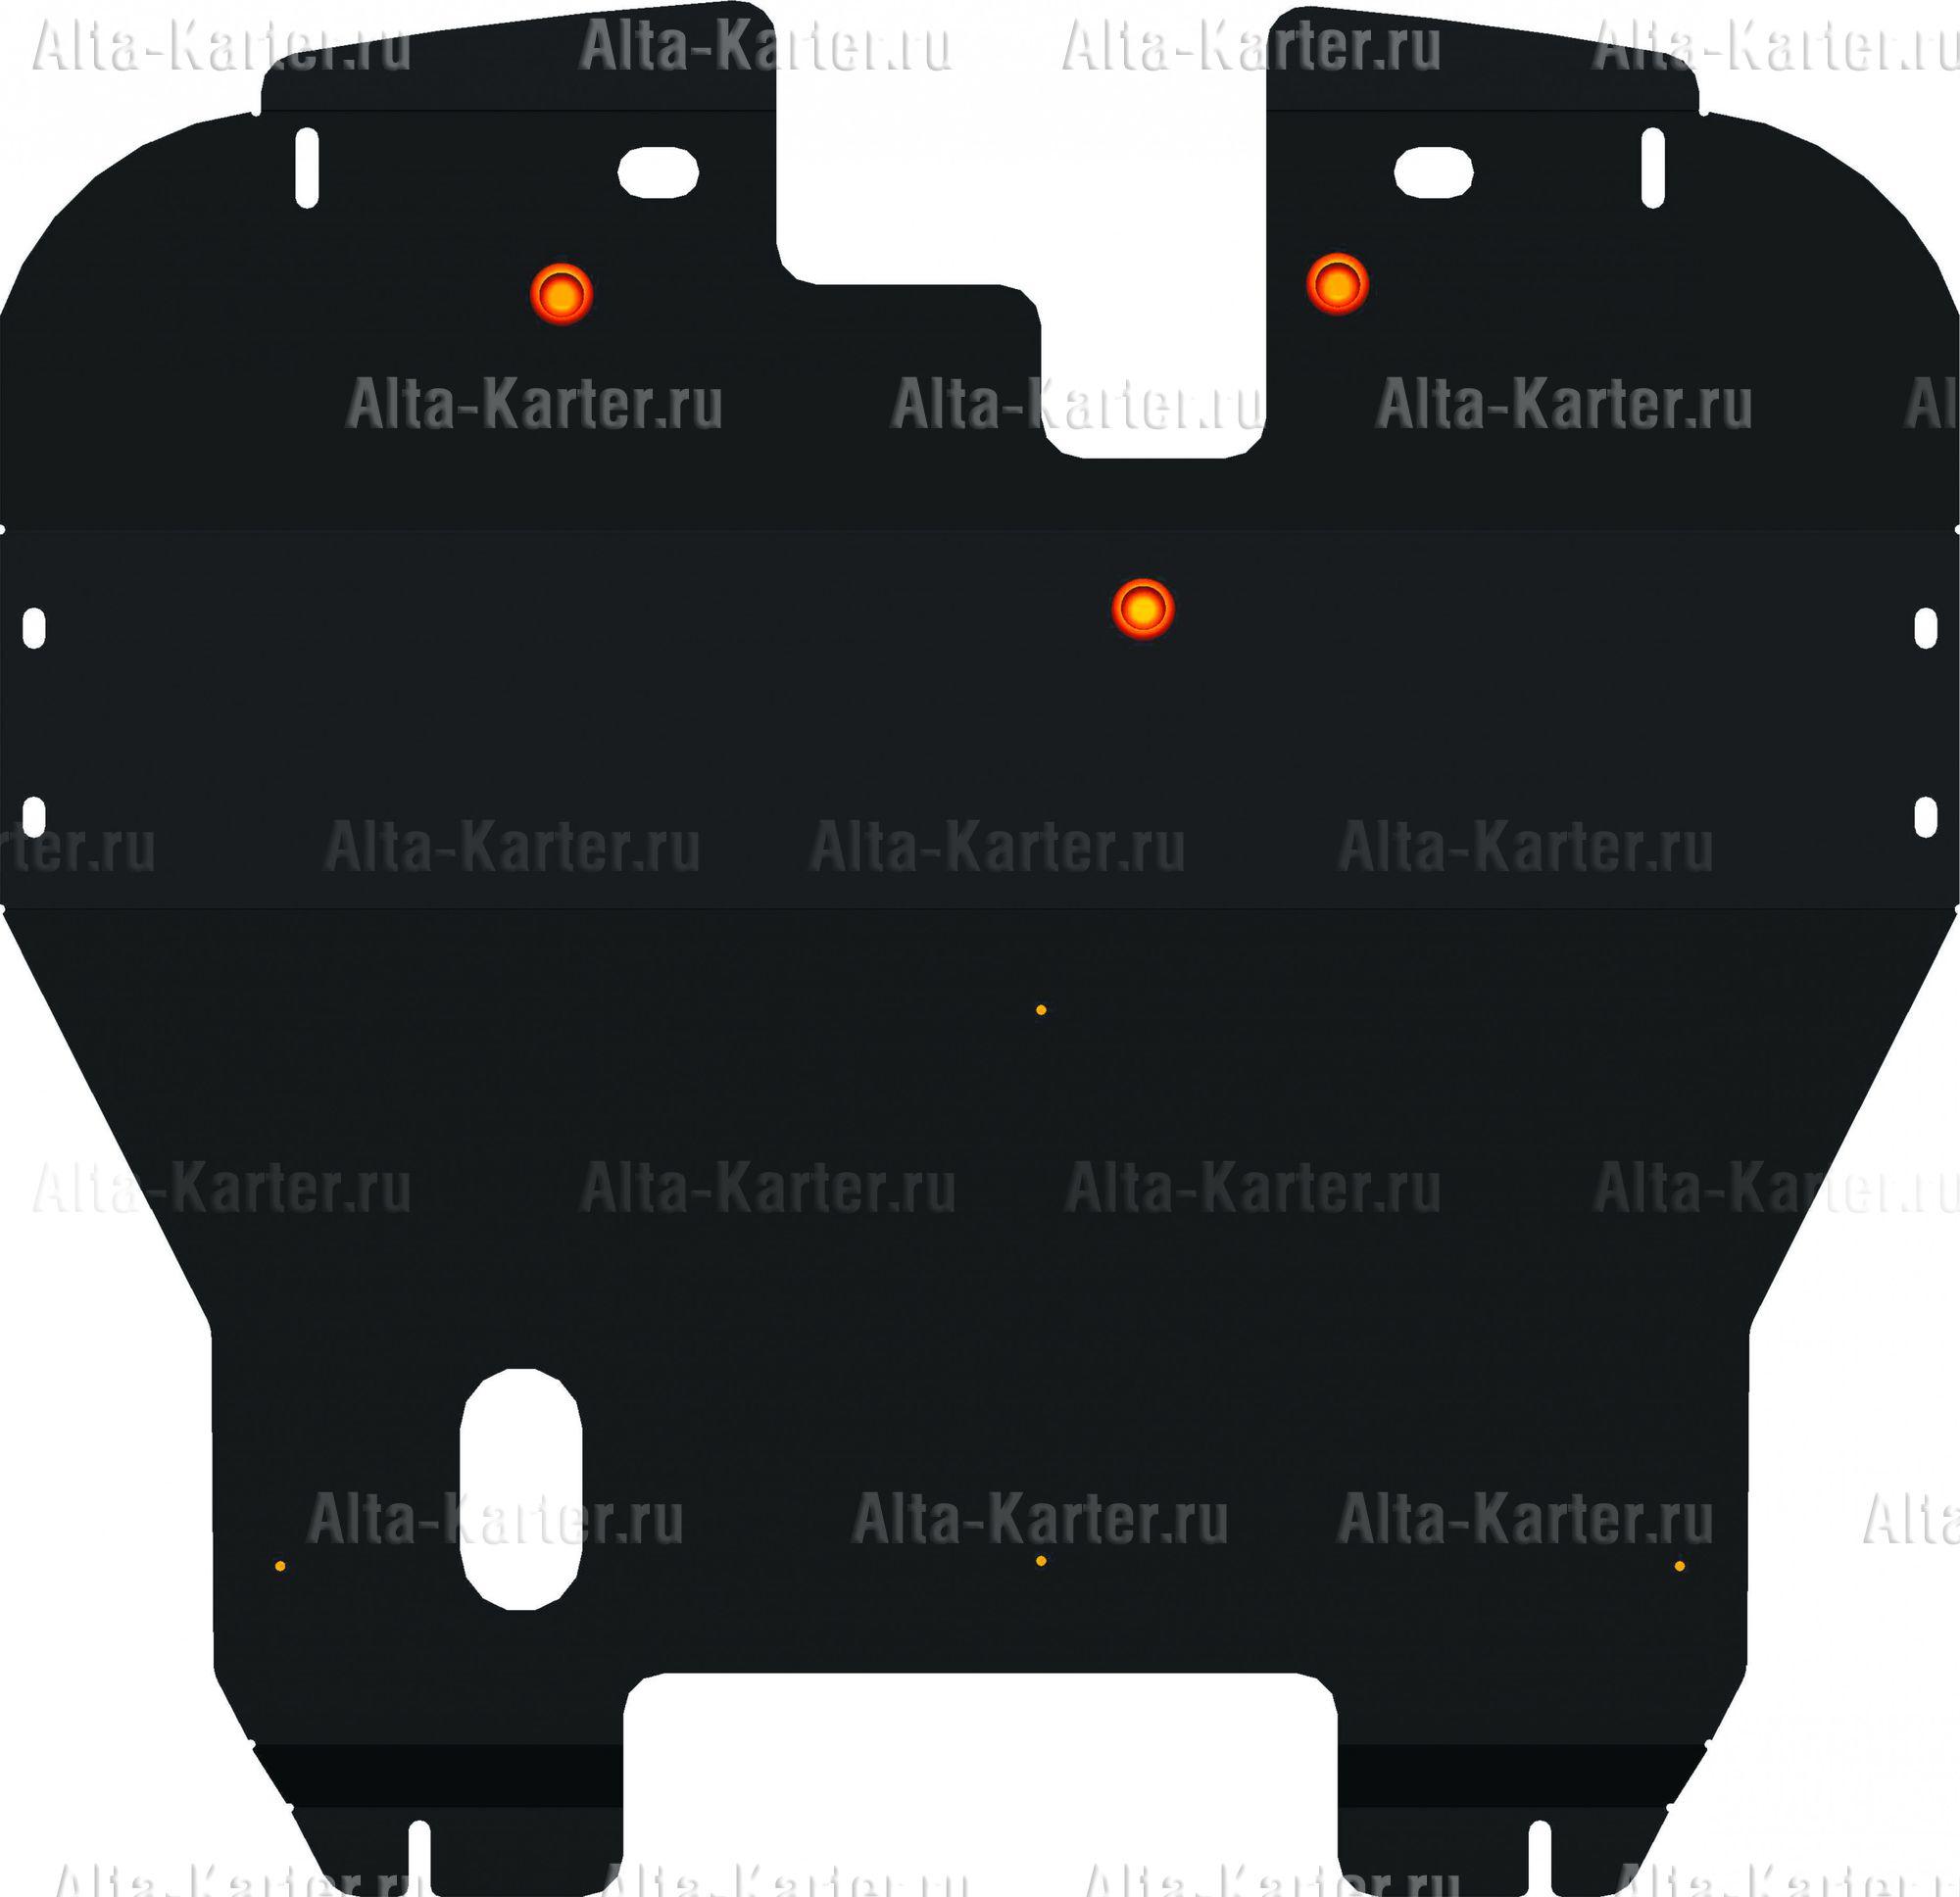 Защита Alfeco для картера и КПП Mitsubishi Carisma 1999-2004. Артикул ALF.14.39